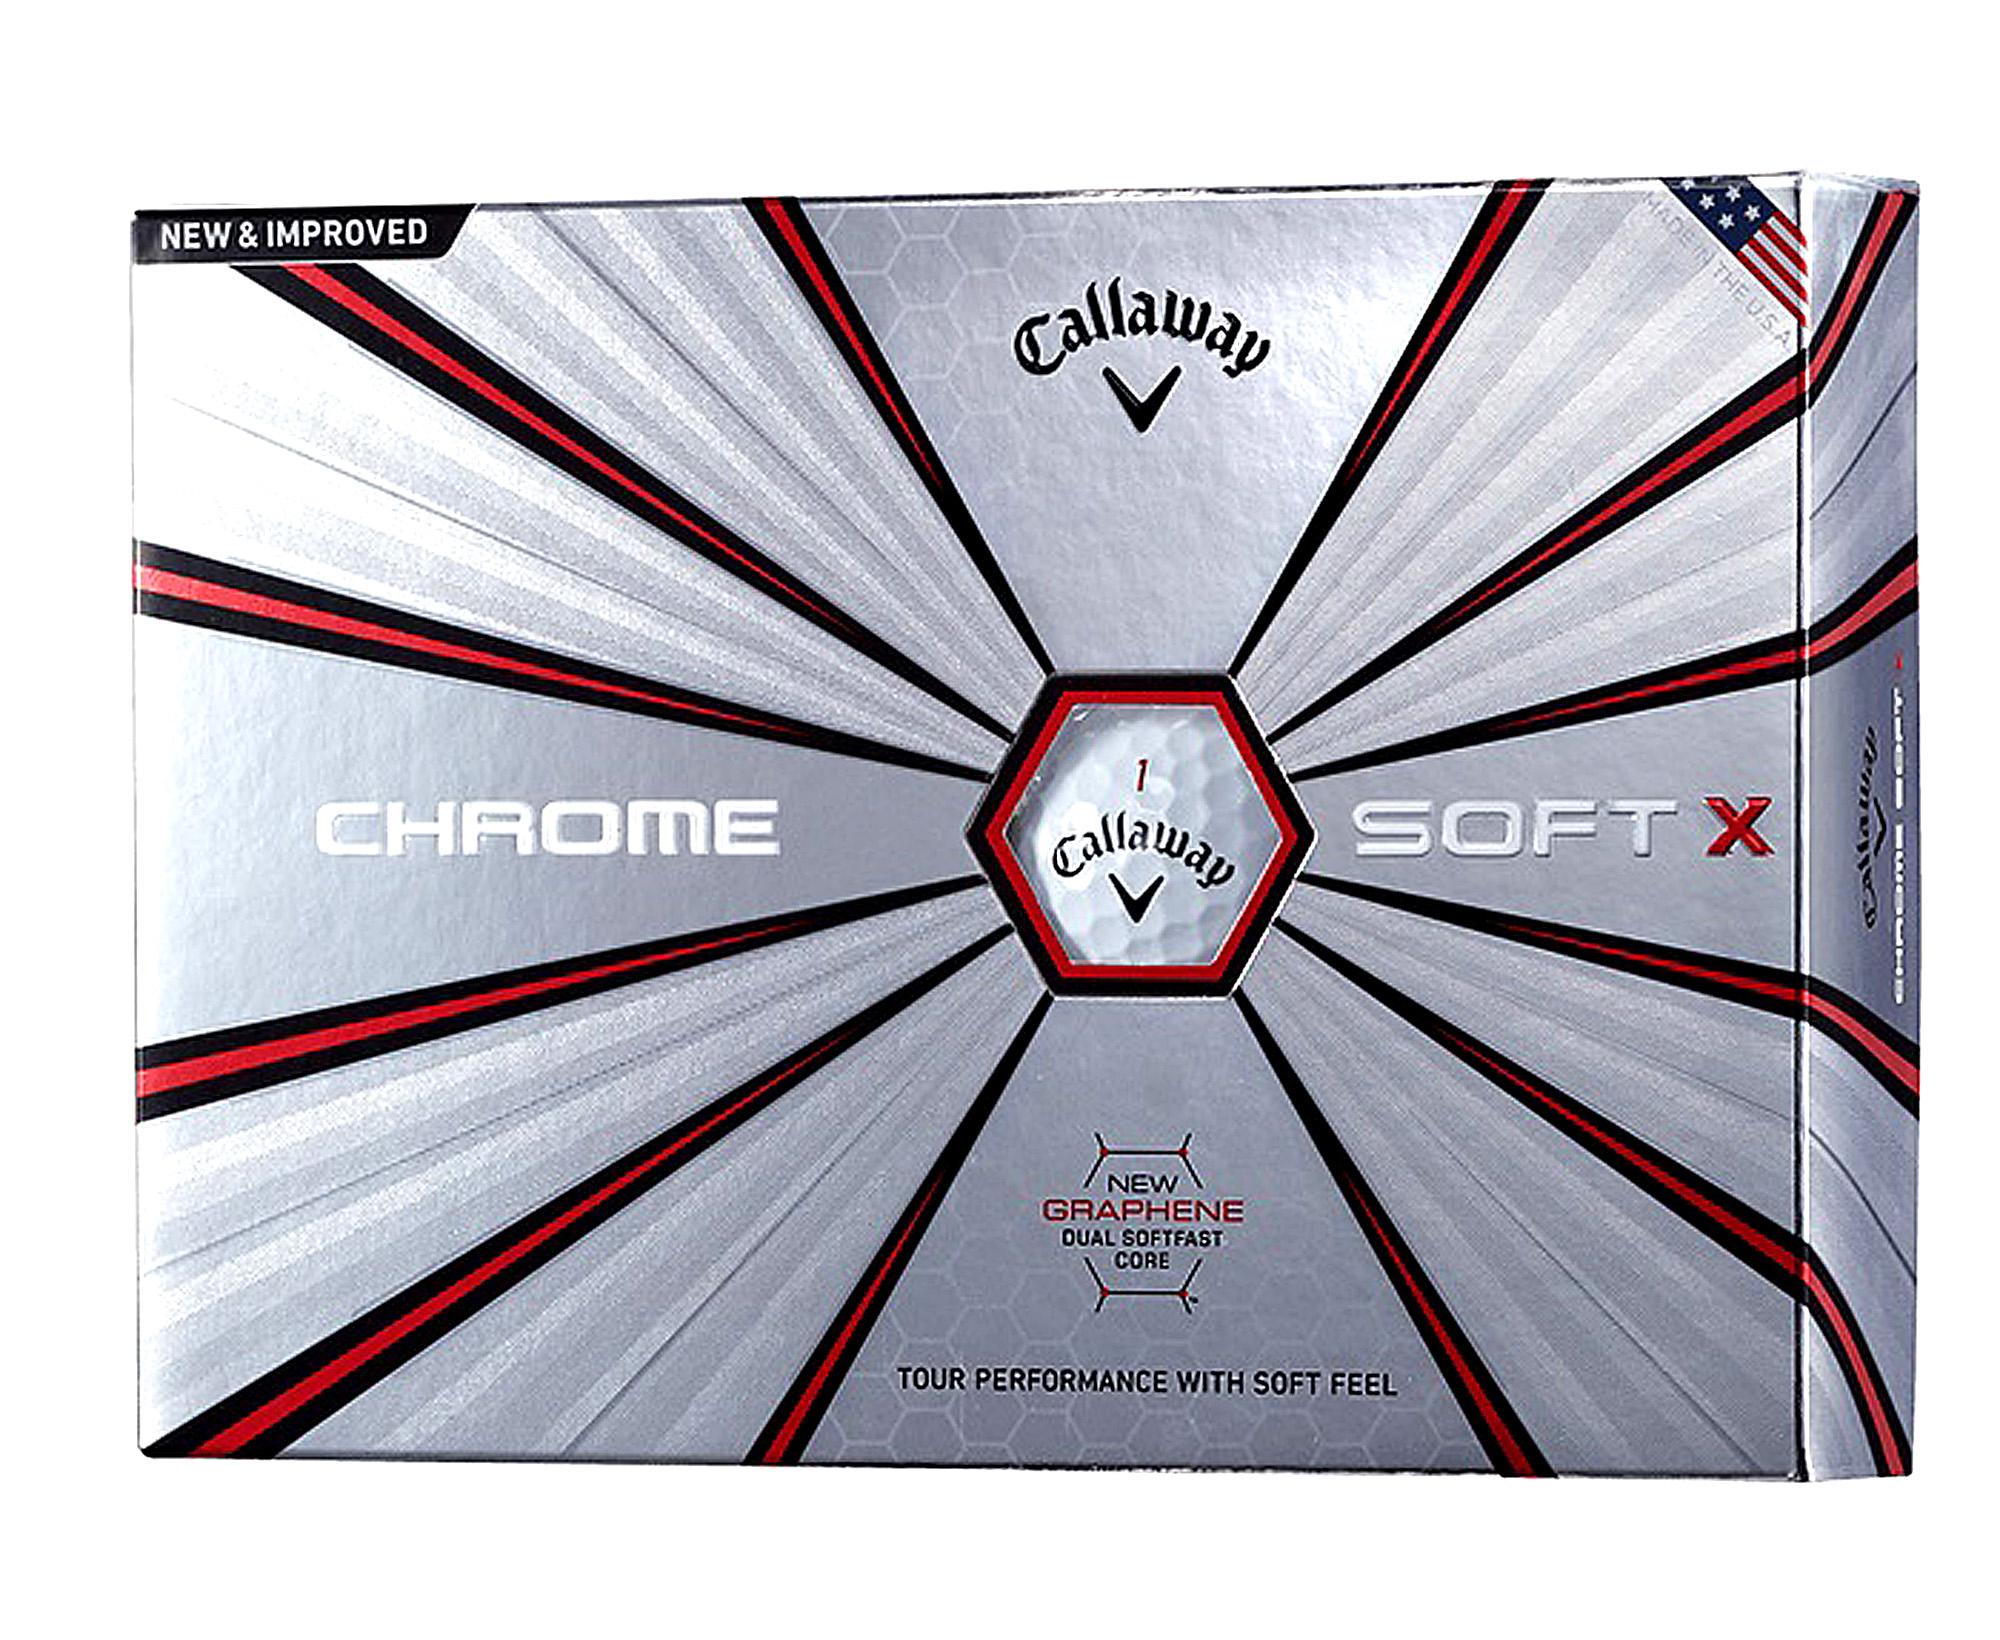 コアに最も強い素材と言われている「グラフェン」を採用したキャロウェイゴルフ『クロムソフトX』は、ヘッドスピードが速い人に最適